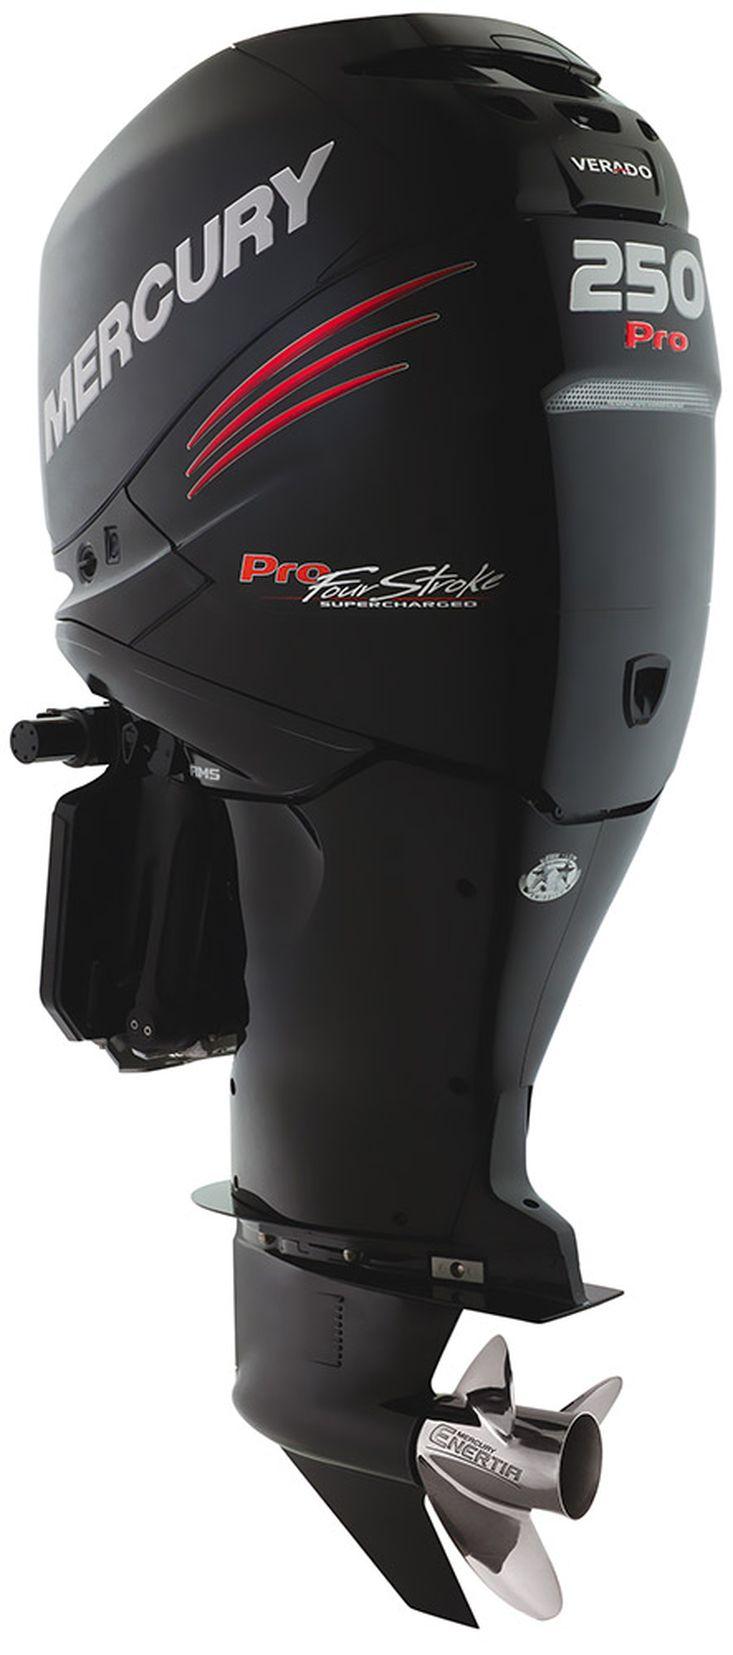 Verado 250 Pro FourStroke